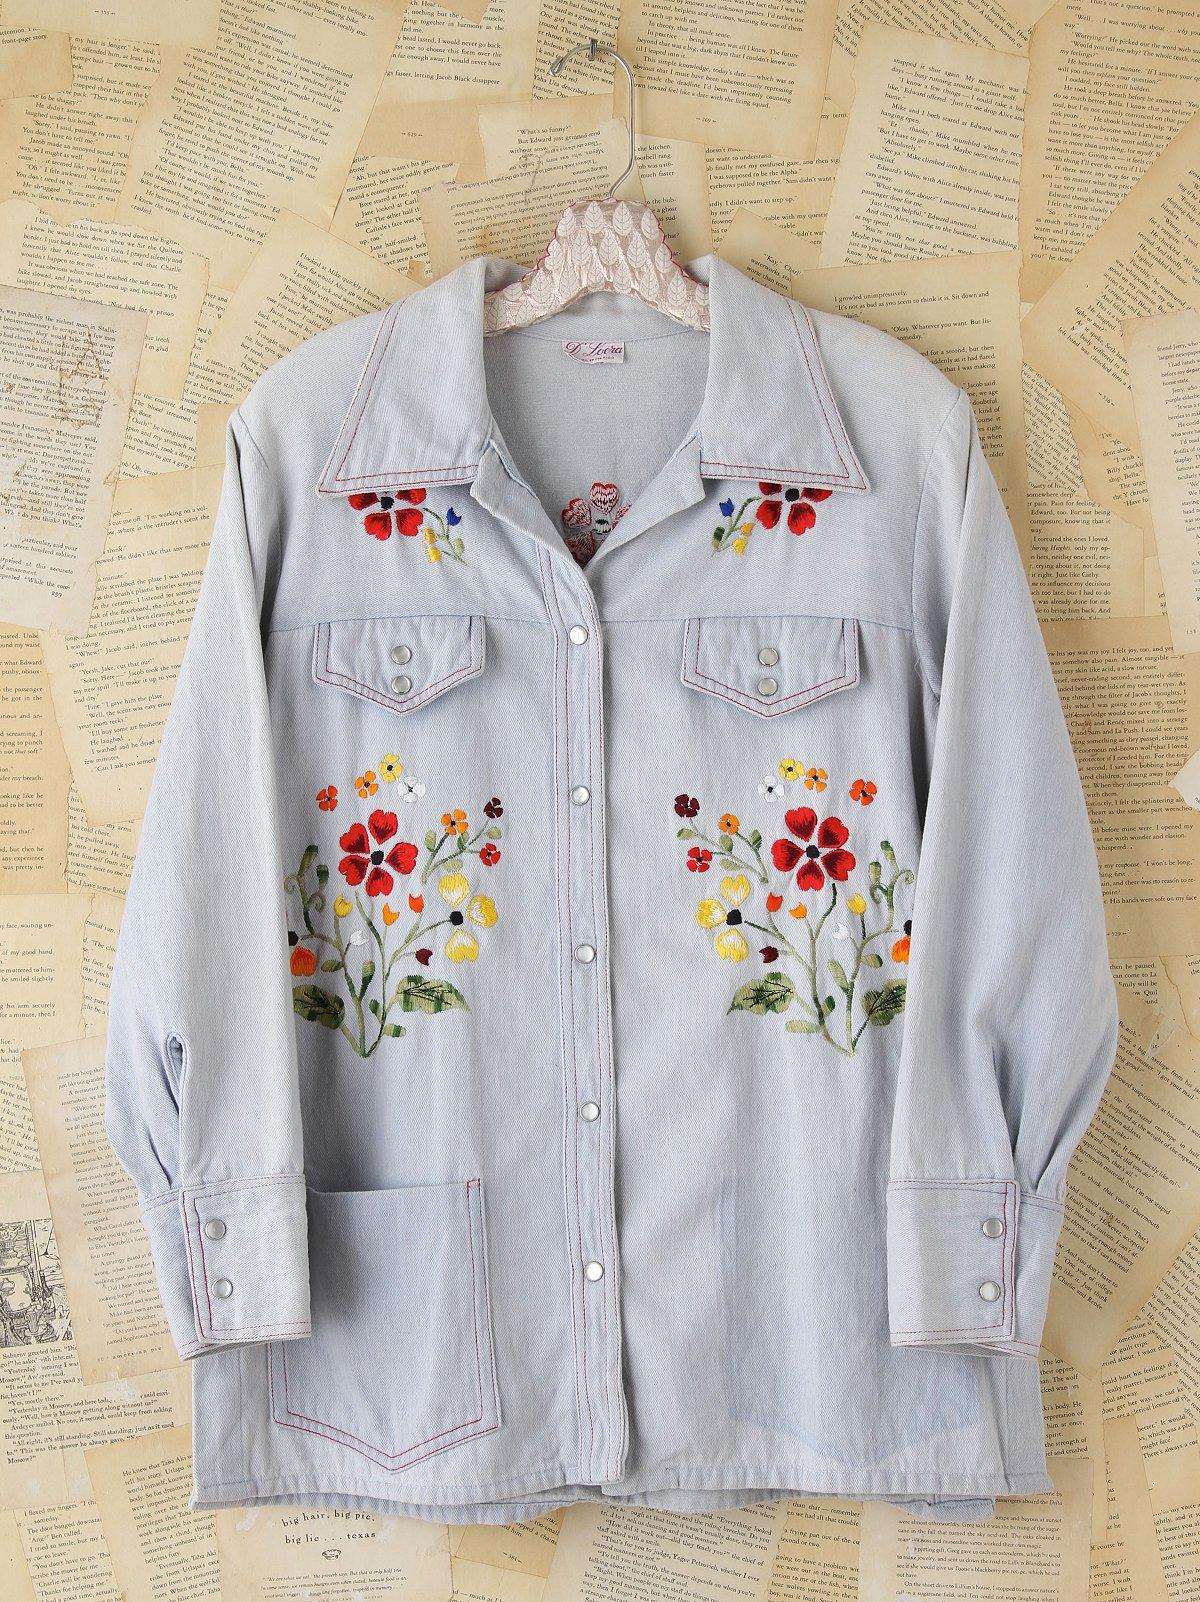 Vintage Floral Embroidered Denim Shirt